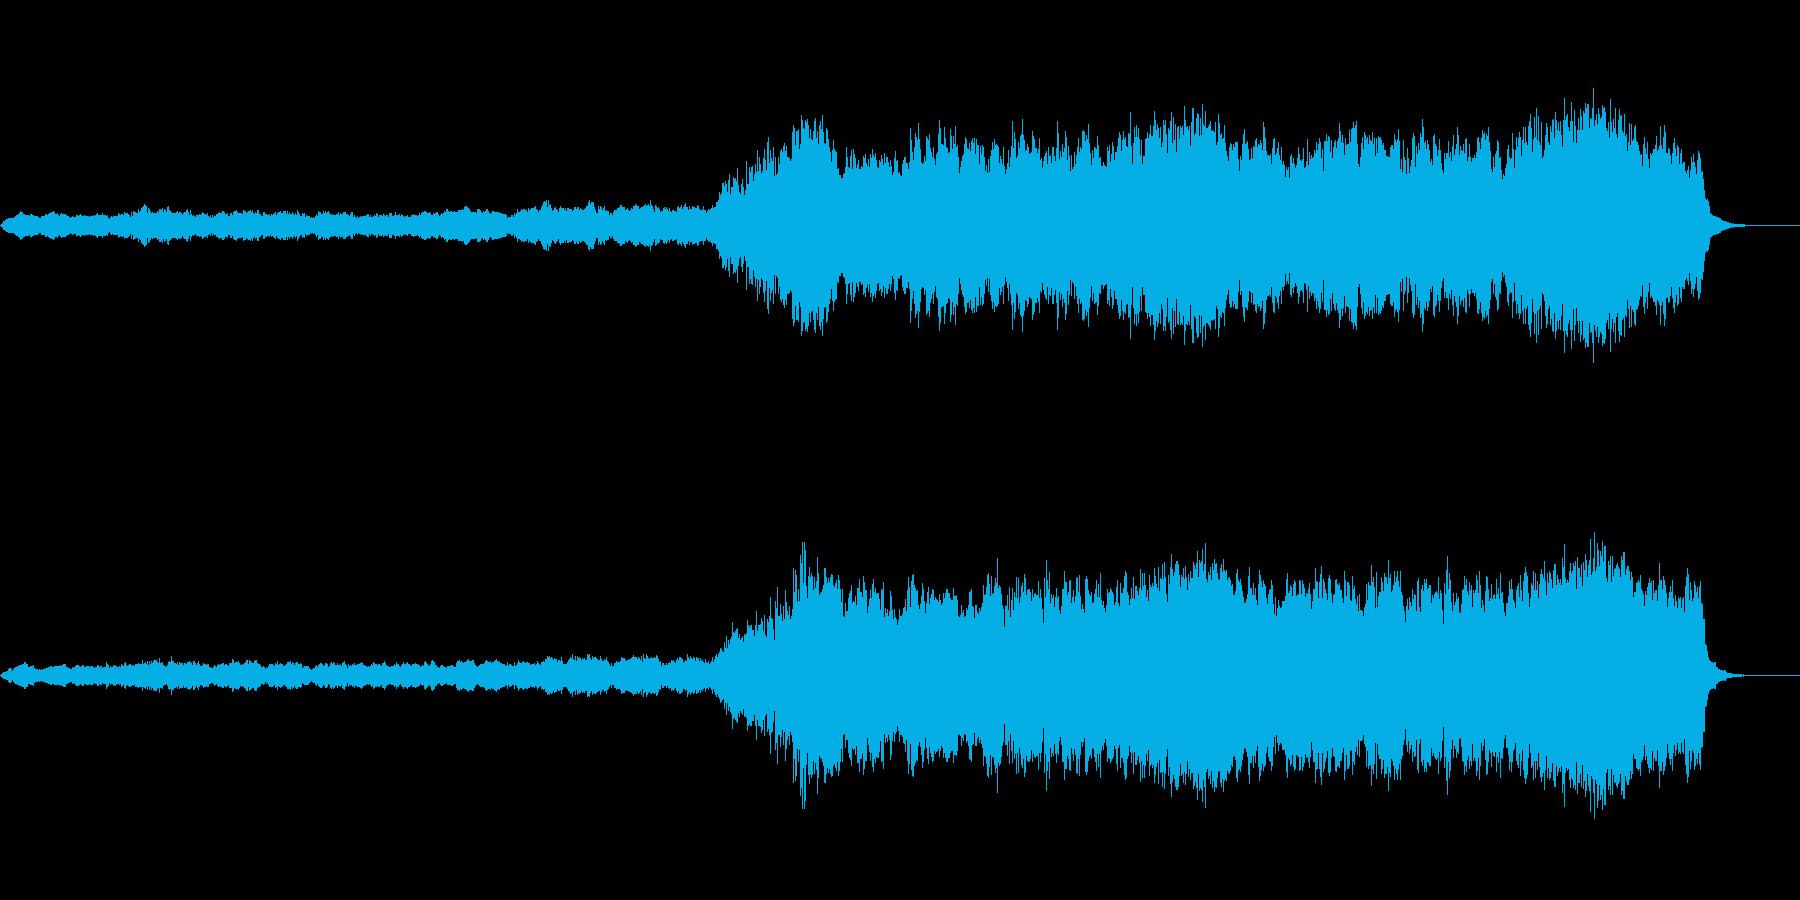 ハリウッド系 クライマックスの再生済みの波形